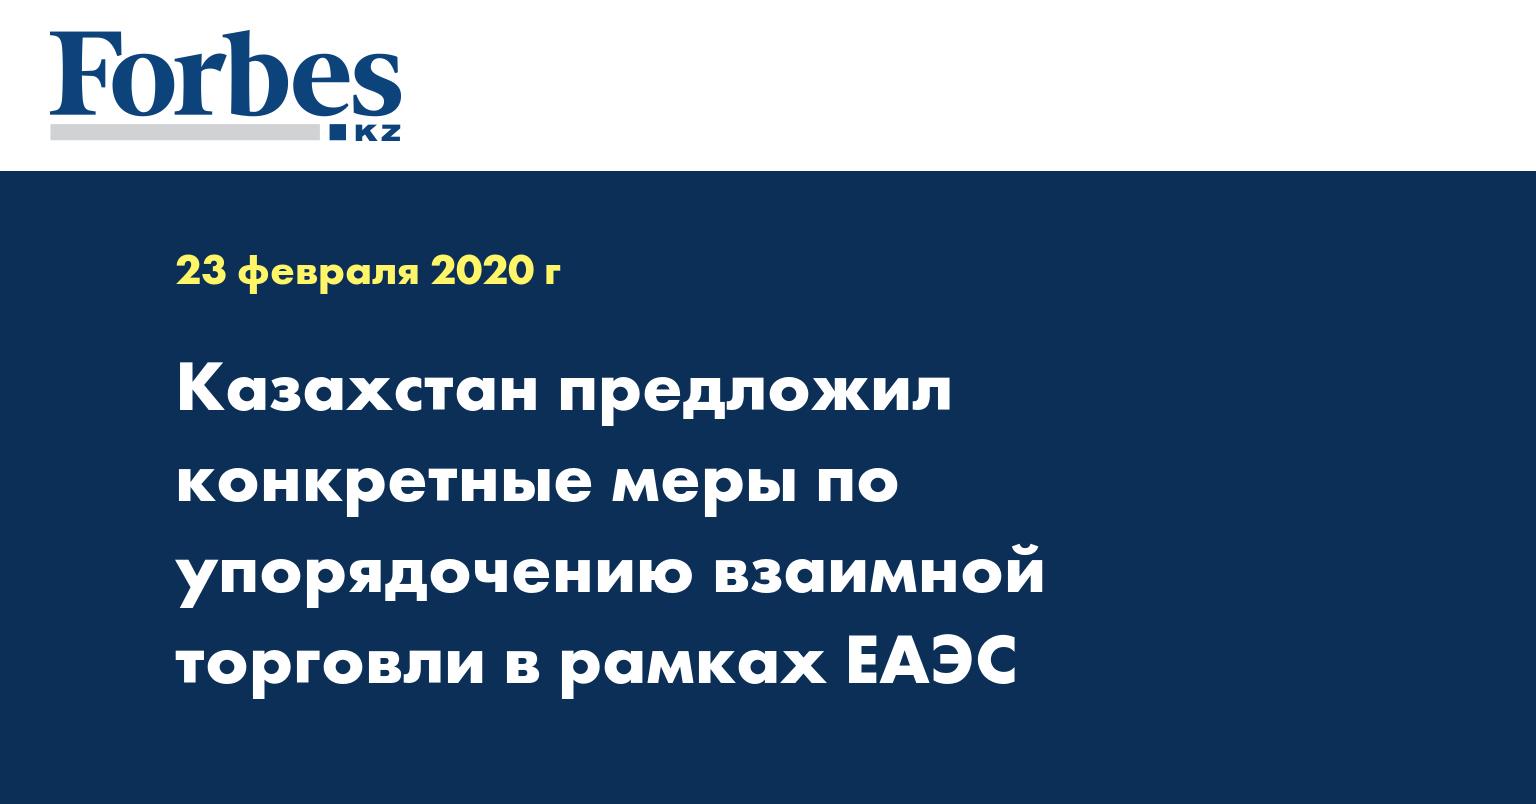 Казахстан предложил конкретные меры по упорядочению взаимной торговли в рамках ЕАЭС